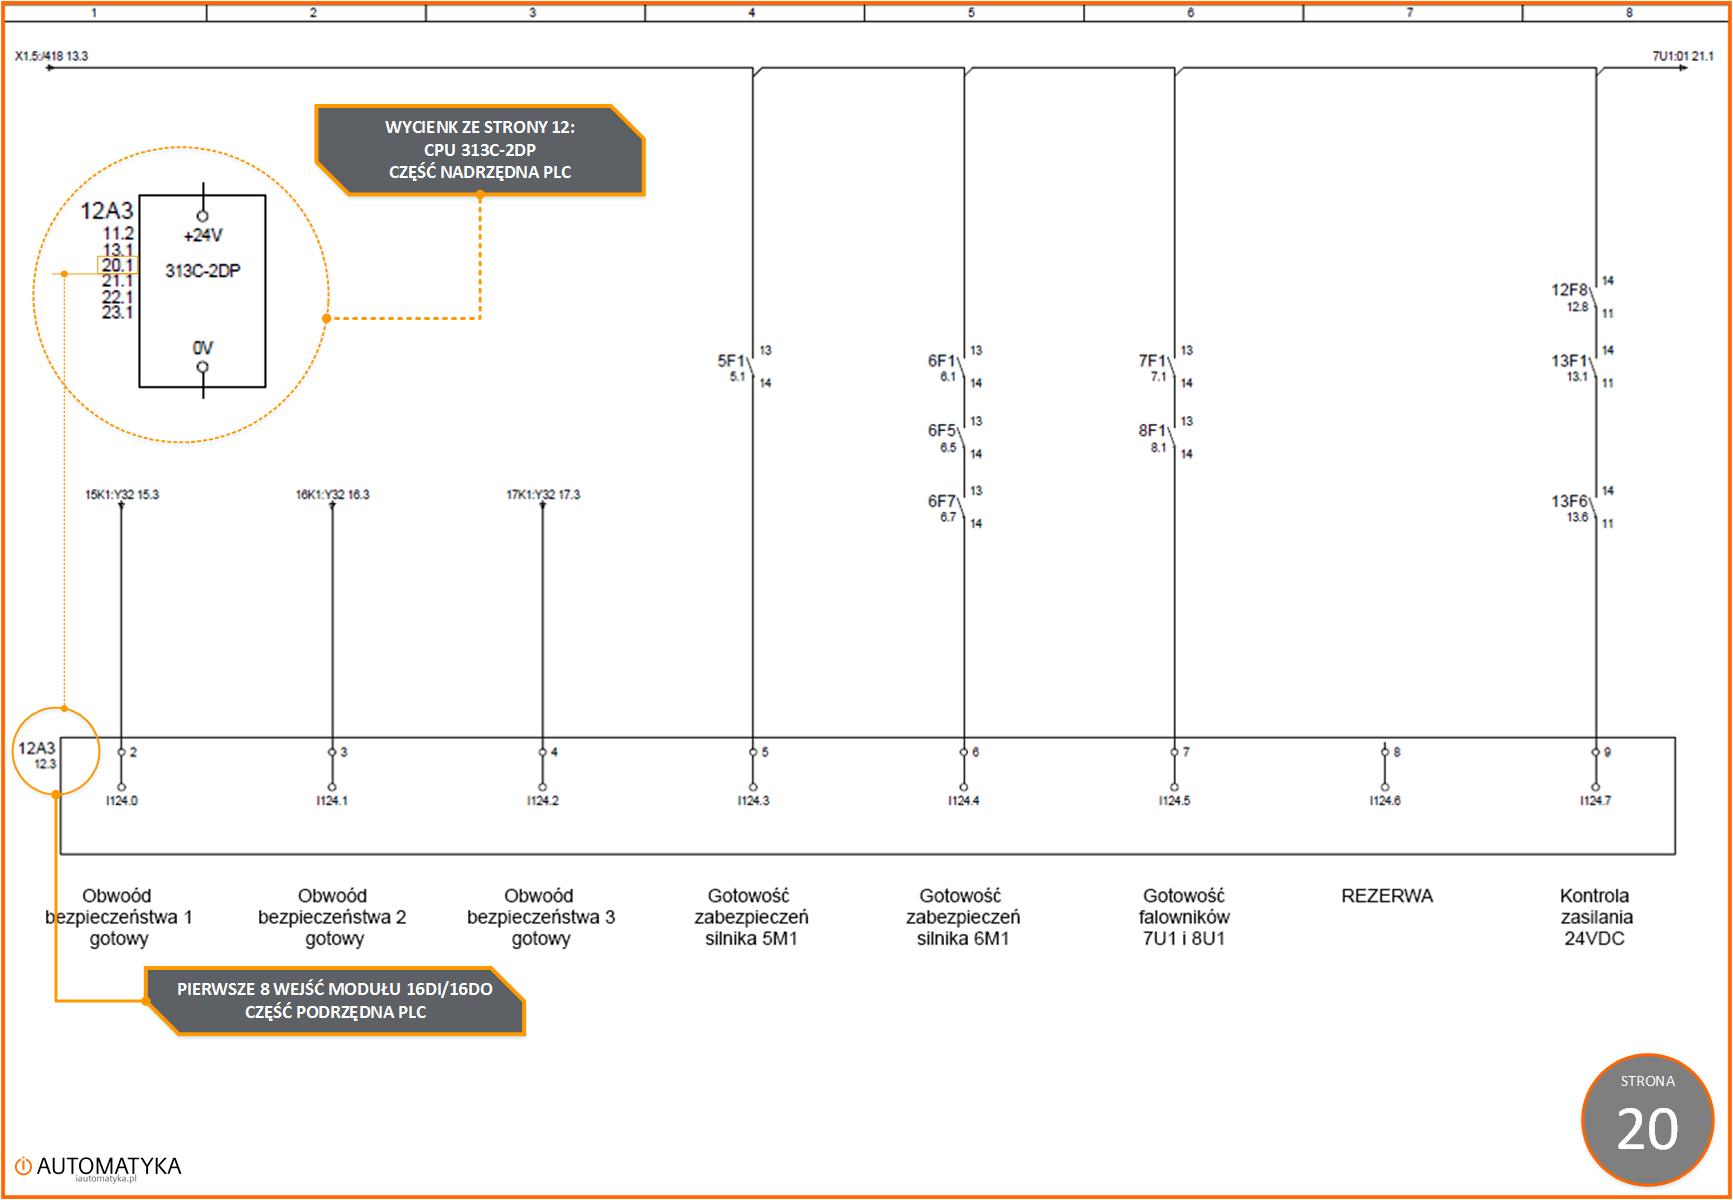 Strona 20 - Sterownik PLC 313C-2DP na schemacie elektrycznym automatyki - Wejscia cyfrowe 1